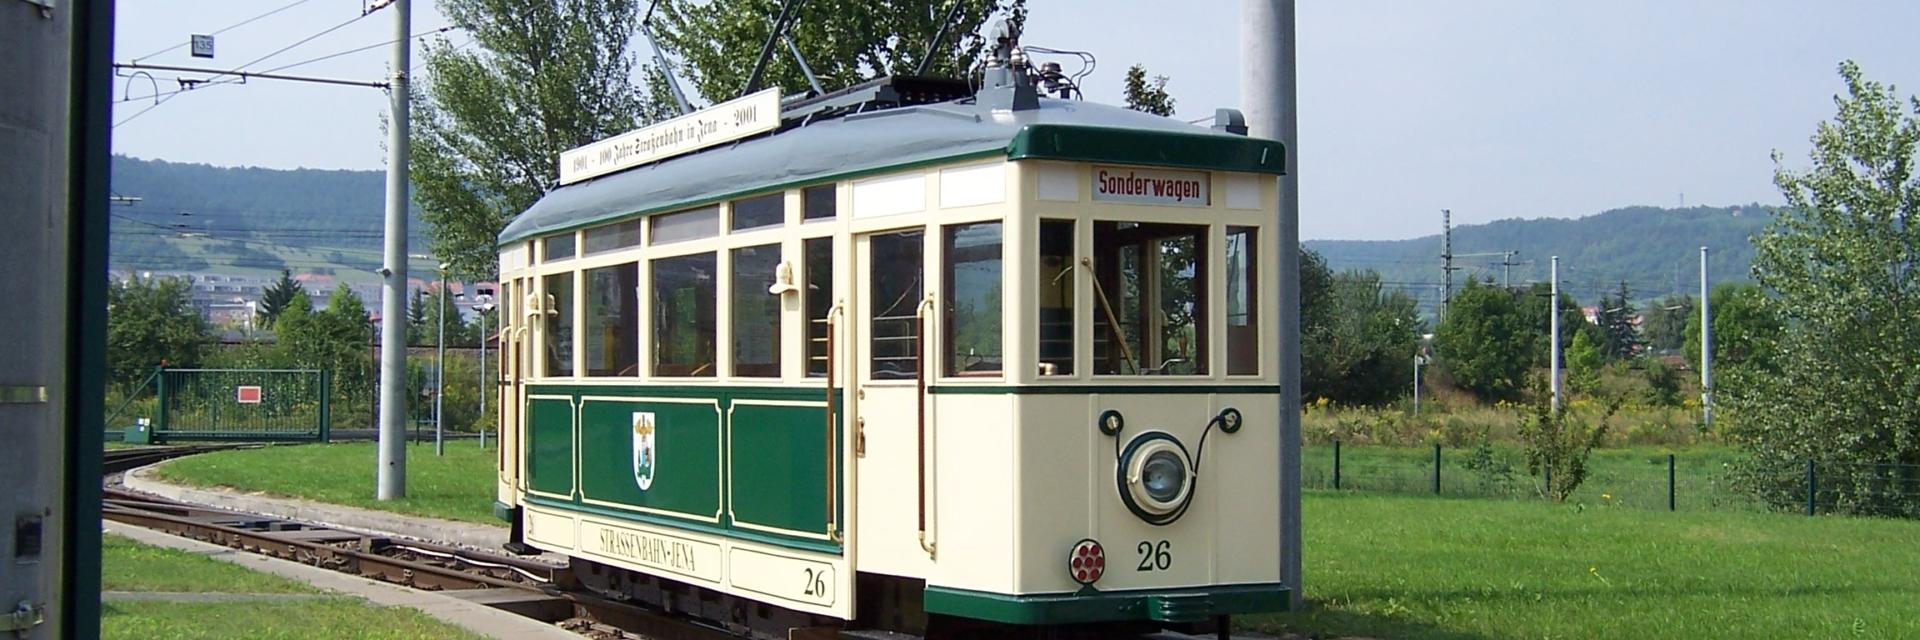 Sonderfahrt zur Stadtbesichtigung mit einer historischen Straßenbahn durch Jena © JenaKultur, Foto: Katrin Franke